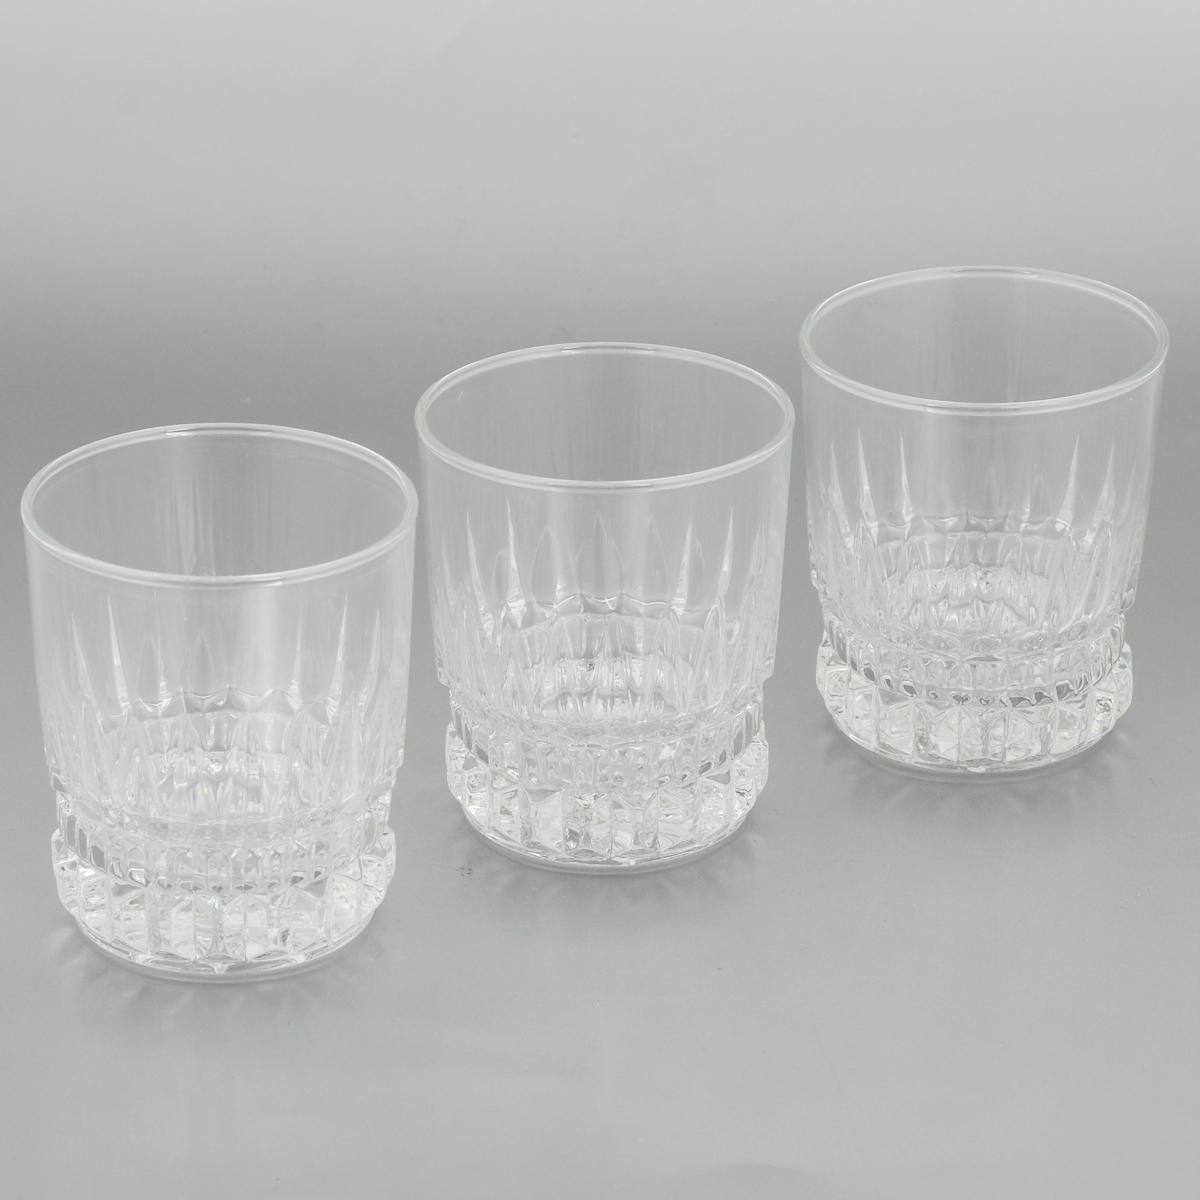 Набор стаканов Luminarc Imperator, 300 мл, 3 штE5183Набор Luminarc Imperator состоит из 3 граненых стаканов, выполненных из высококачественного стекла. Изделия имеют изысканный дизайн, утонченную форму и ослепительный блеск. Могут использоваться для алкогольных и безалкогольных напитков. Такой набор станет прекрасным дополнением сервировки стола, подойдет для ежедневного использования и для торжественных случаев. Можно мыть в посудомоечной машине. Диаметр стакана (по верхнему краю): 8 см. Высота: 9,5 см.